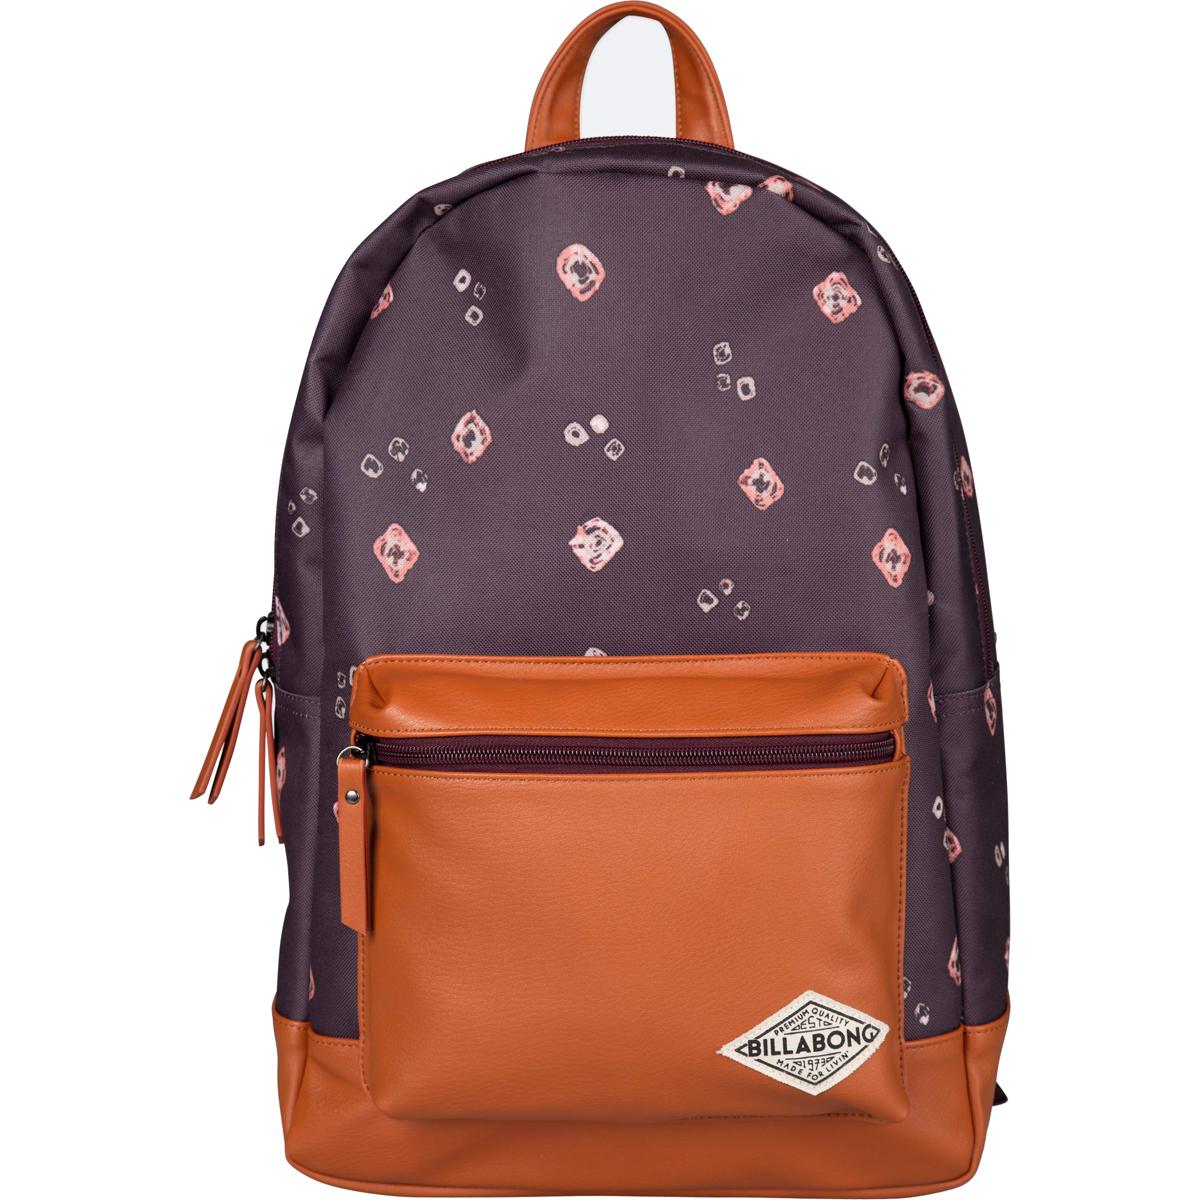 Рюкзак городской женский Billabong Personal, цвет: бордовый, 20 л. Z9BP03Z9BP03Практичный и вместительный женский рюкзак , готовый вписаться в Ваш стиль и вместить все Ваши вещи, необходимые для учебы, работы или просто прогулок по городу.